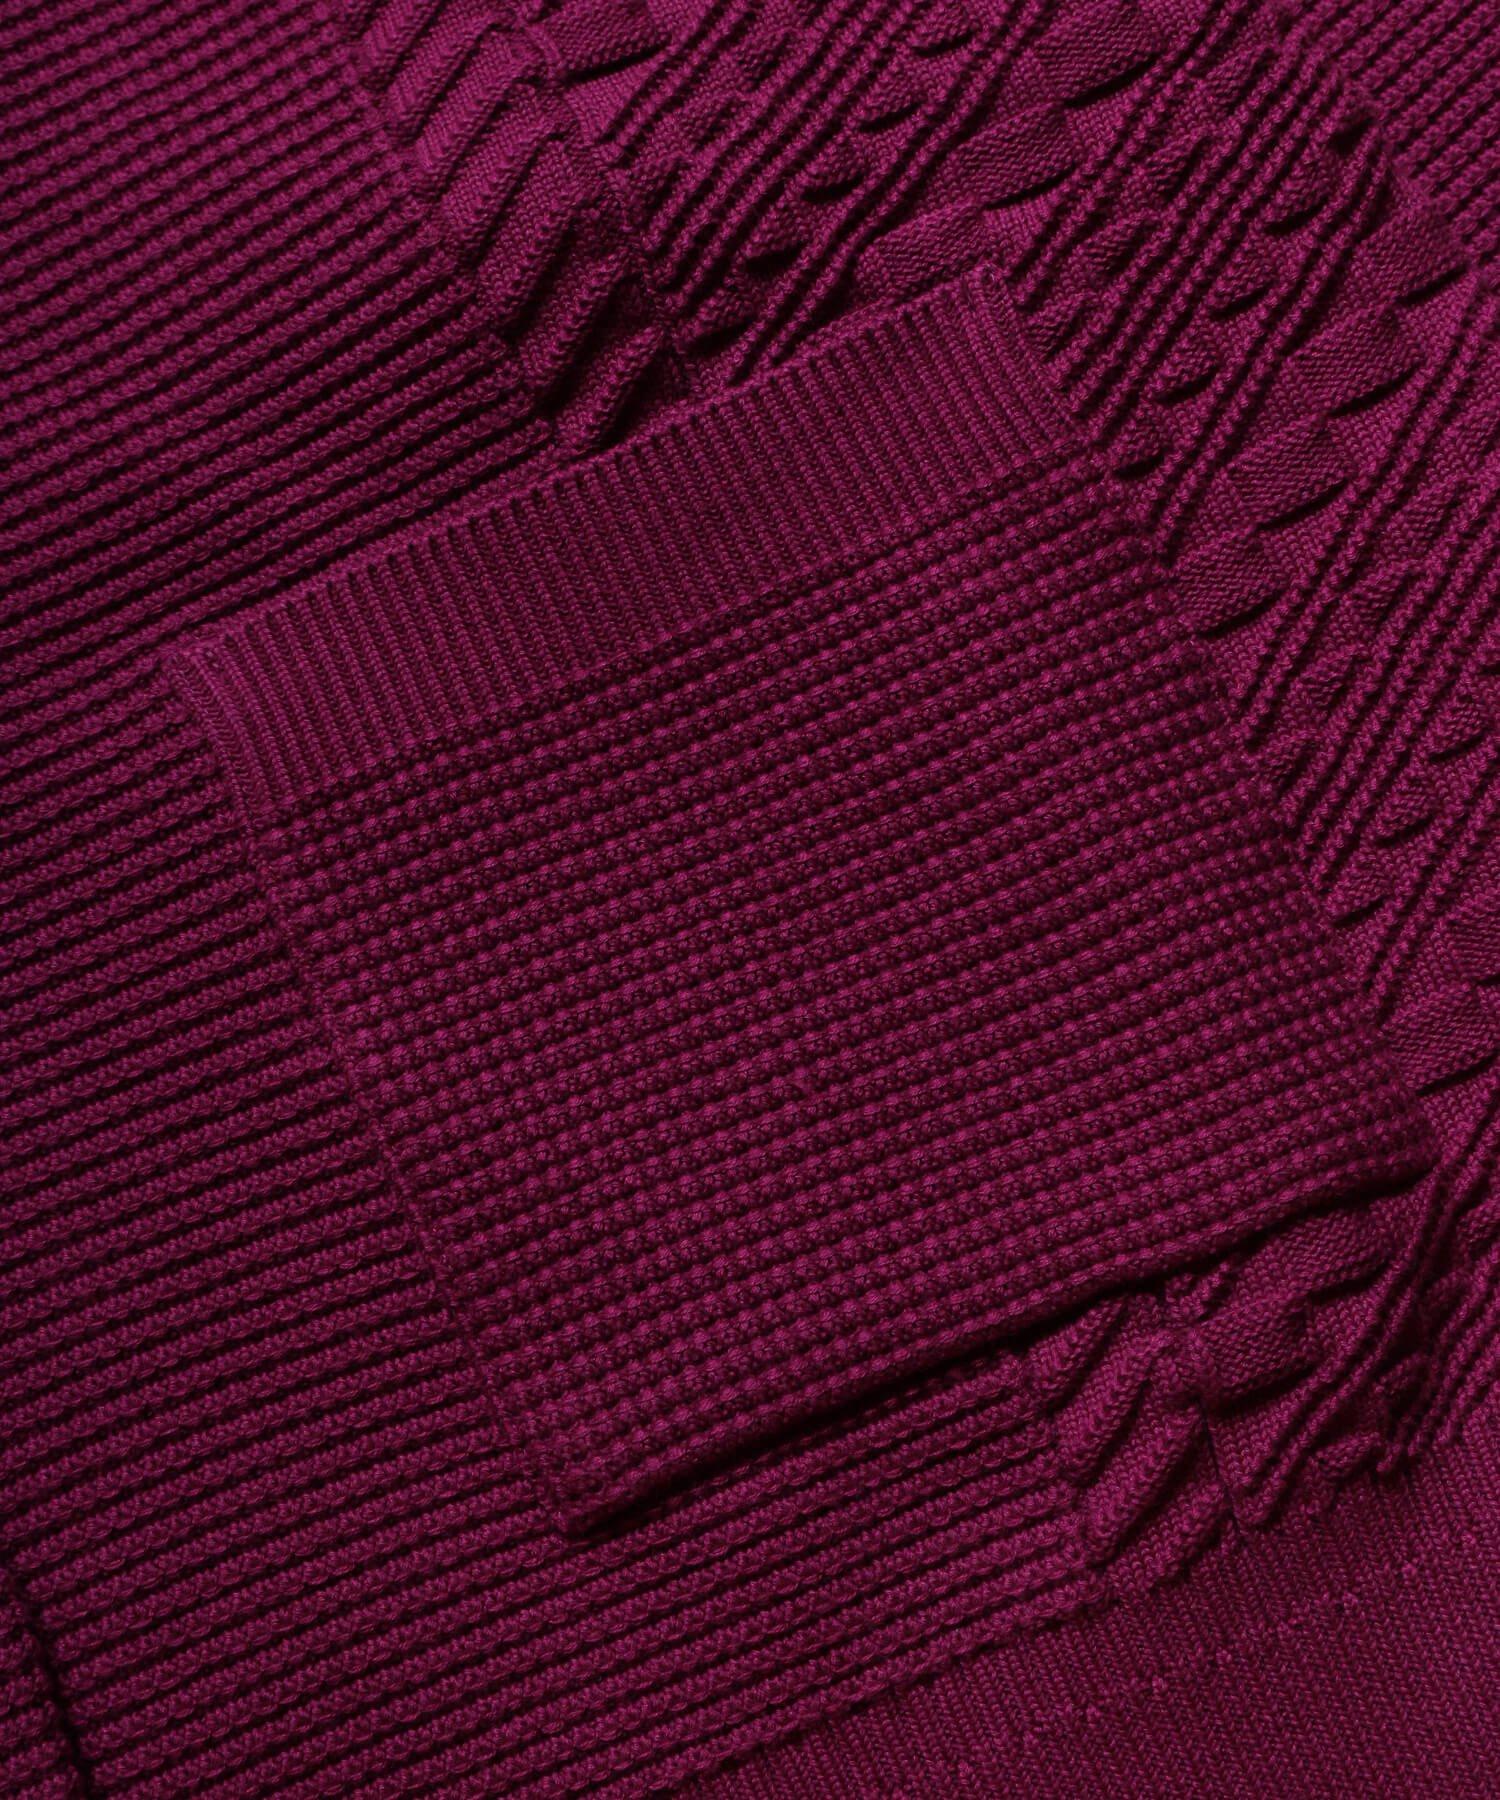 YASHIKI / ヤシキ  YASHIKI / ヤシキ × SIDEMILITIA inc. / サイドミリティア  SHIGURE CARDIGAN (LIMITED PURPLE/WOMEN'S) 商品画像8